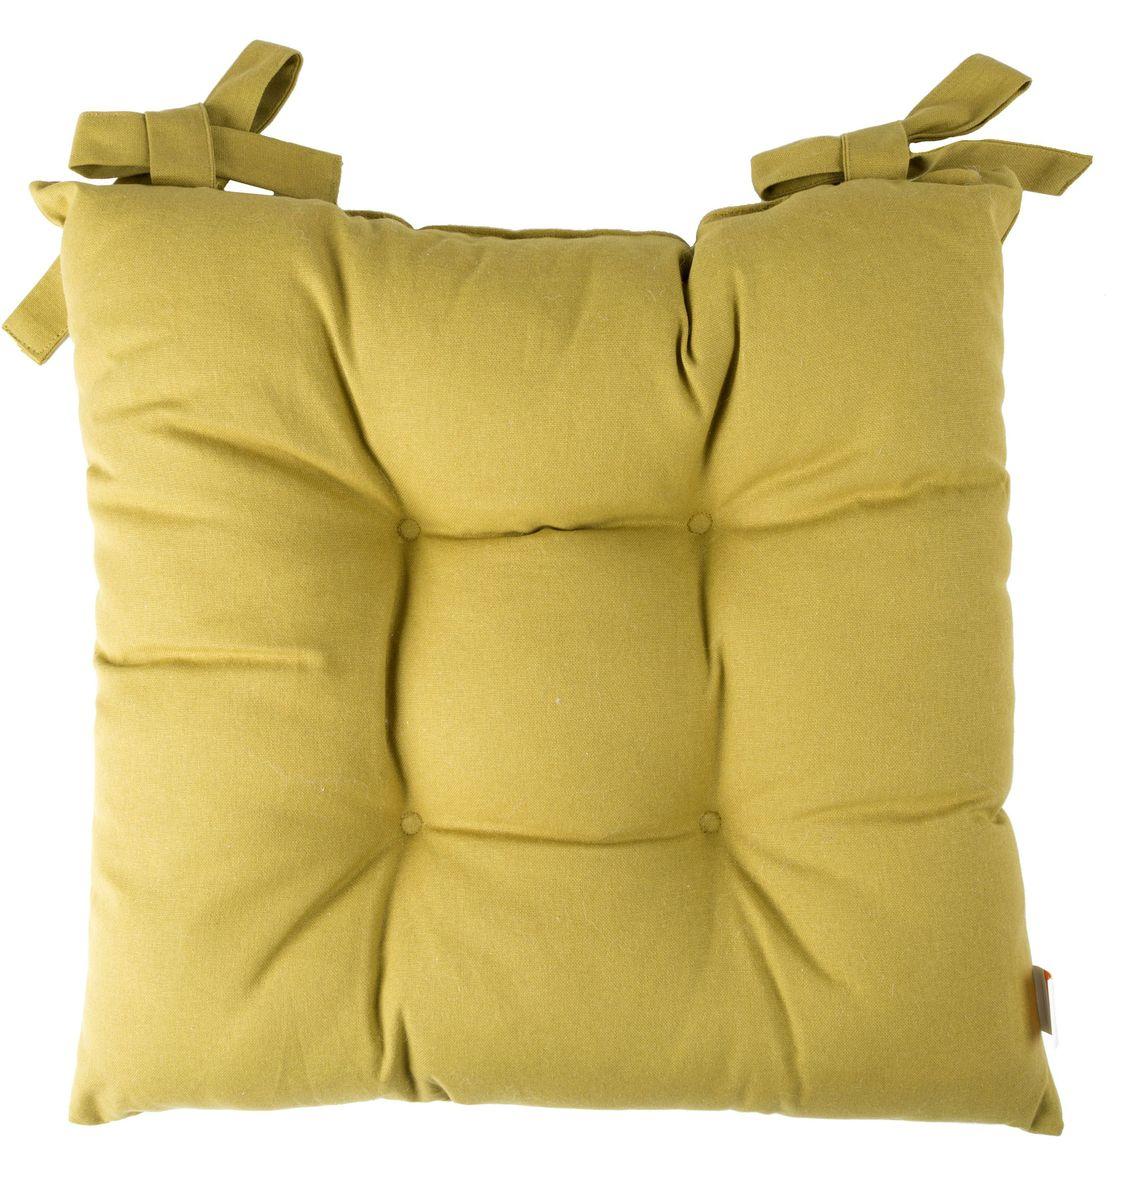 Подушка на стул Daily by Togas Стенли, 45 х 45 см10.01.03.0066СТЕНЛИ Сиденье для стула 45х45, 1 предмет, хлопок.